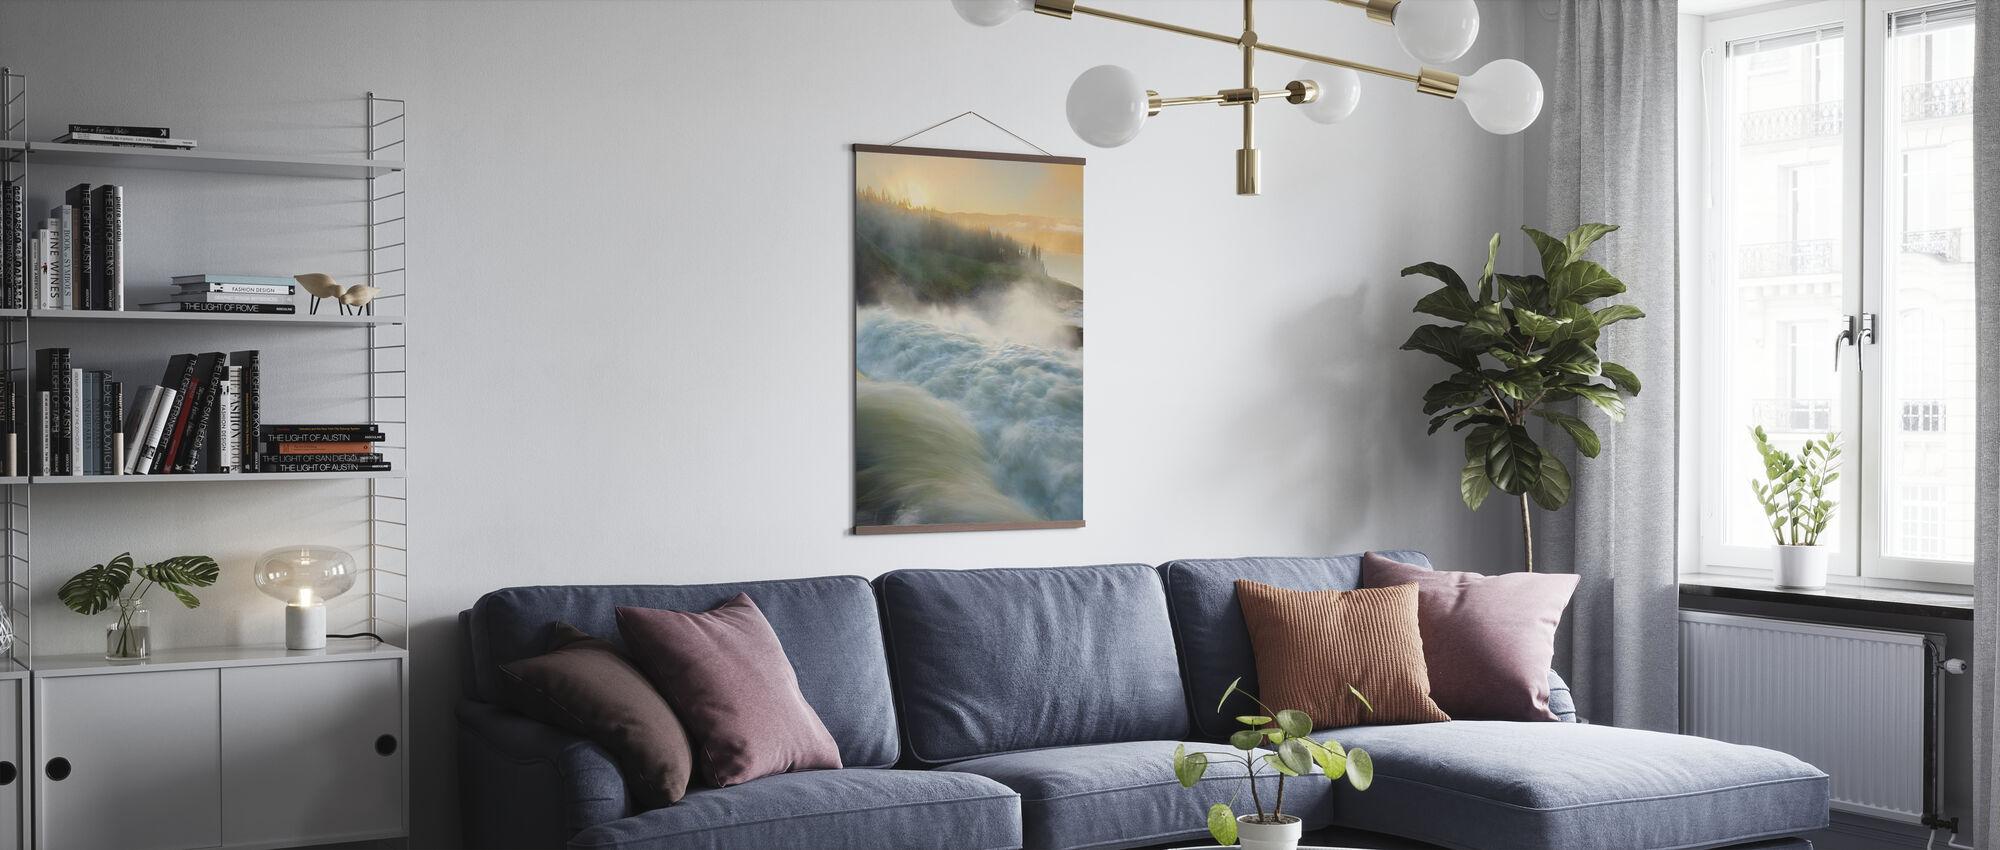 Jämtland River, Sweden - Poster - Living Room